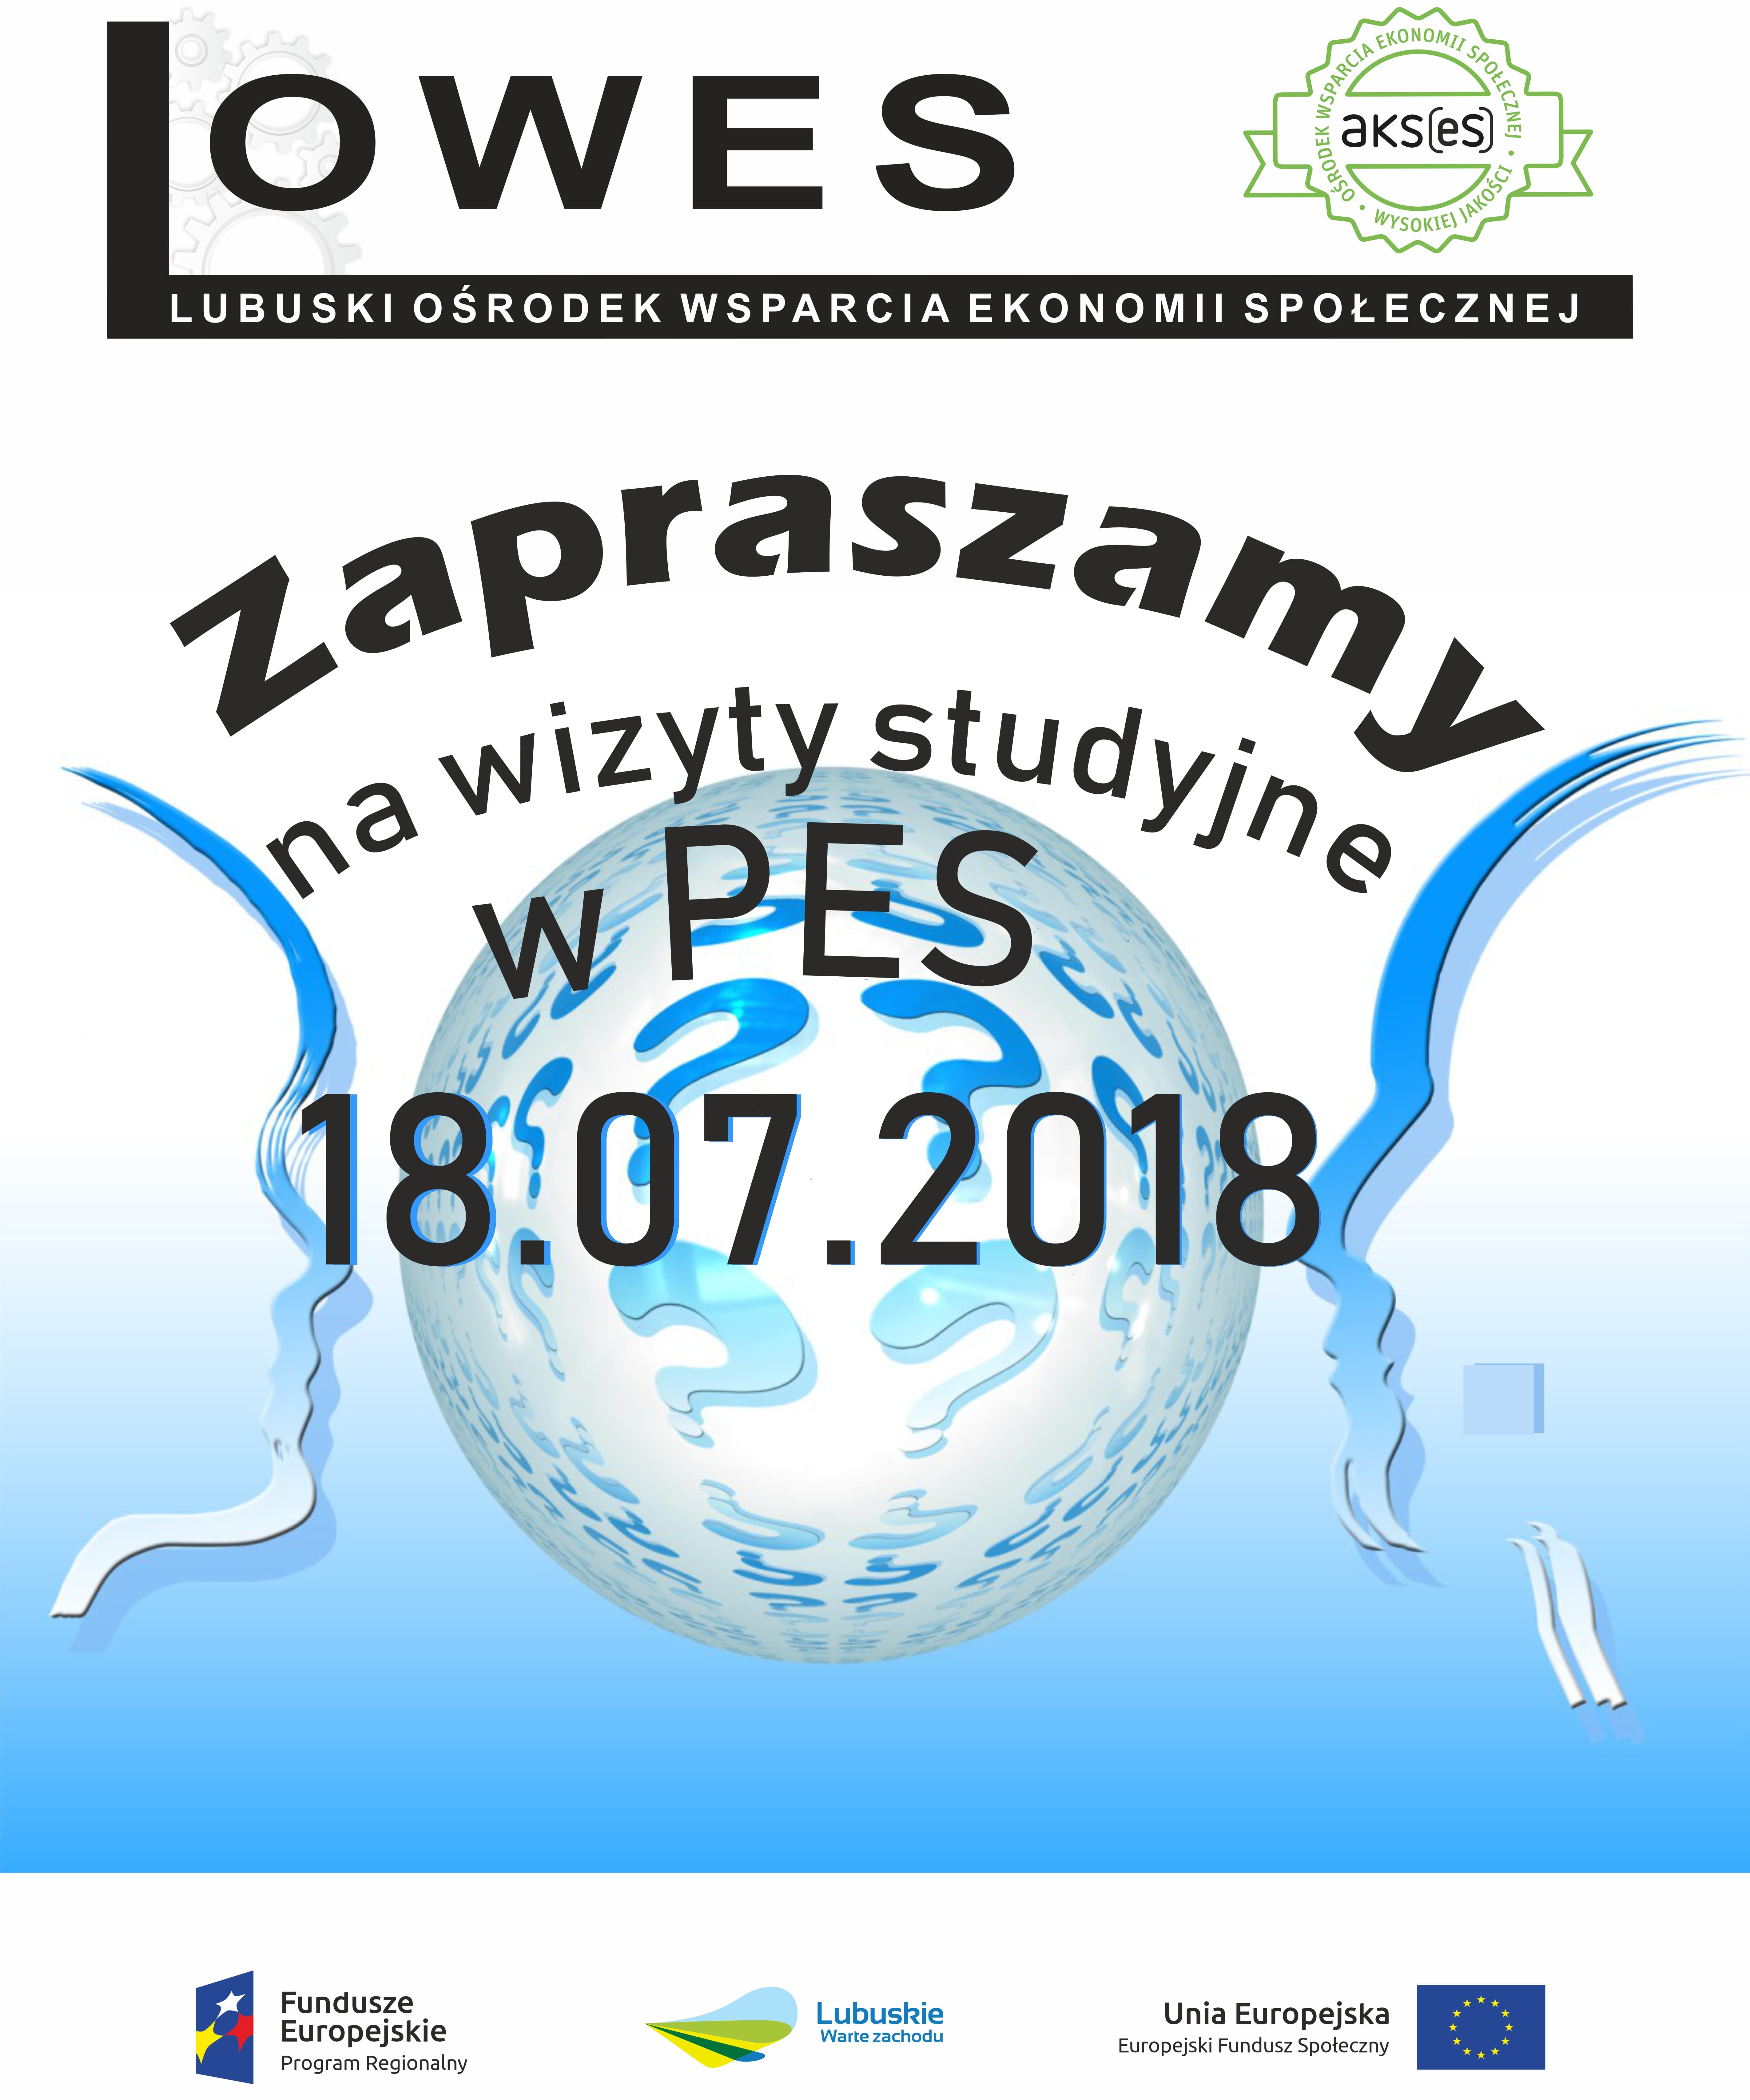 Zapraszamy na wizyty studyjne do Poznania!